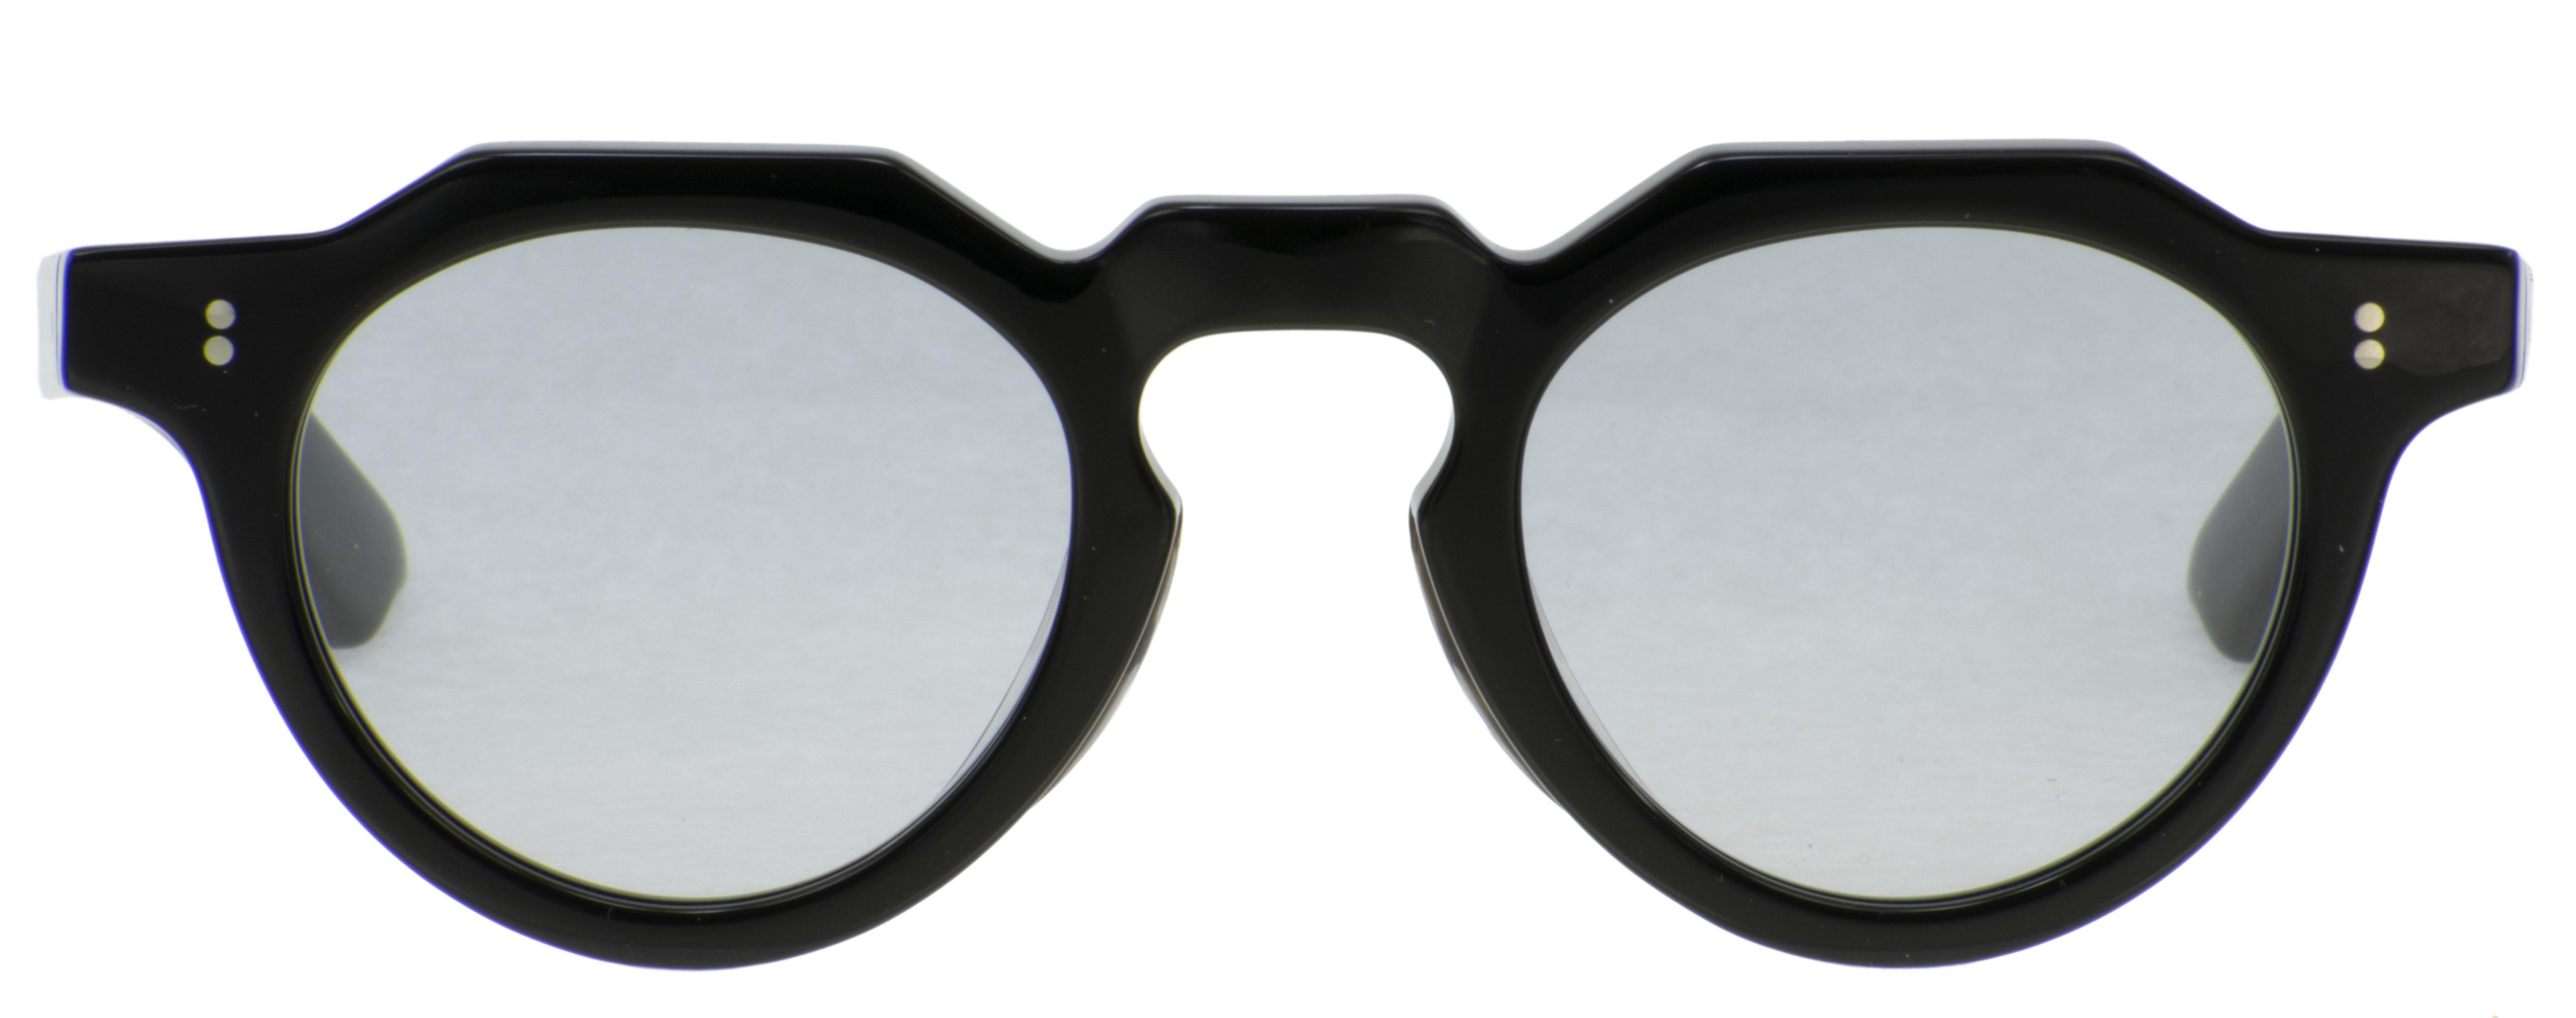 NEW F5 1 Black¥13,000 01